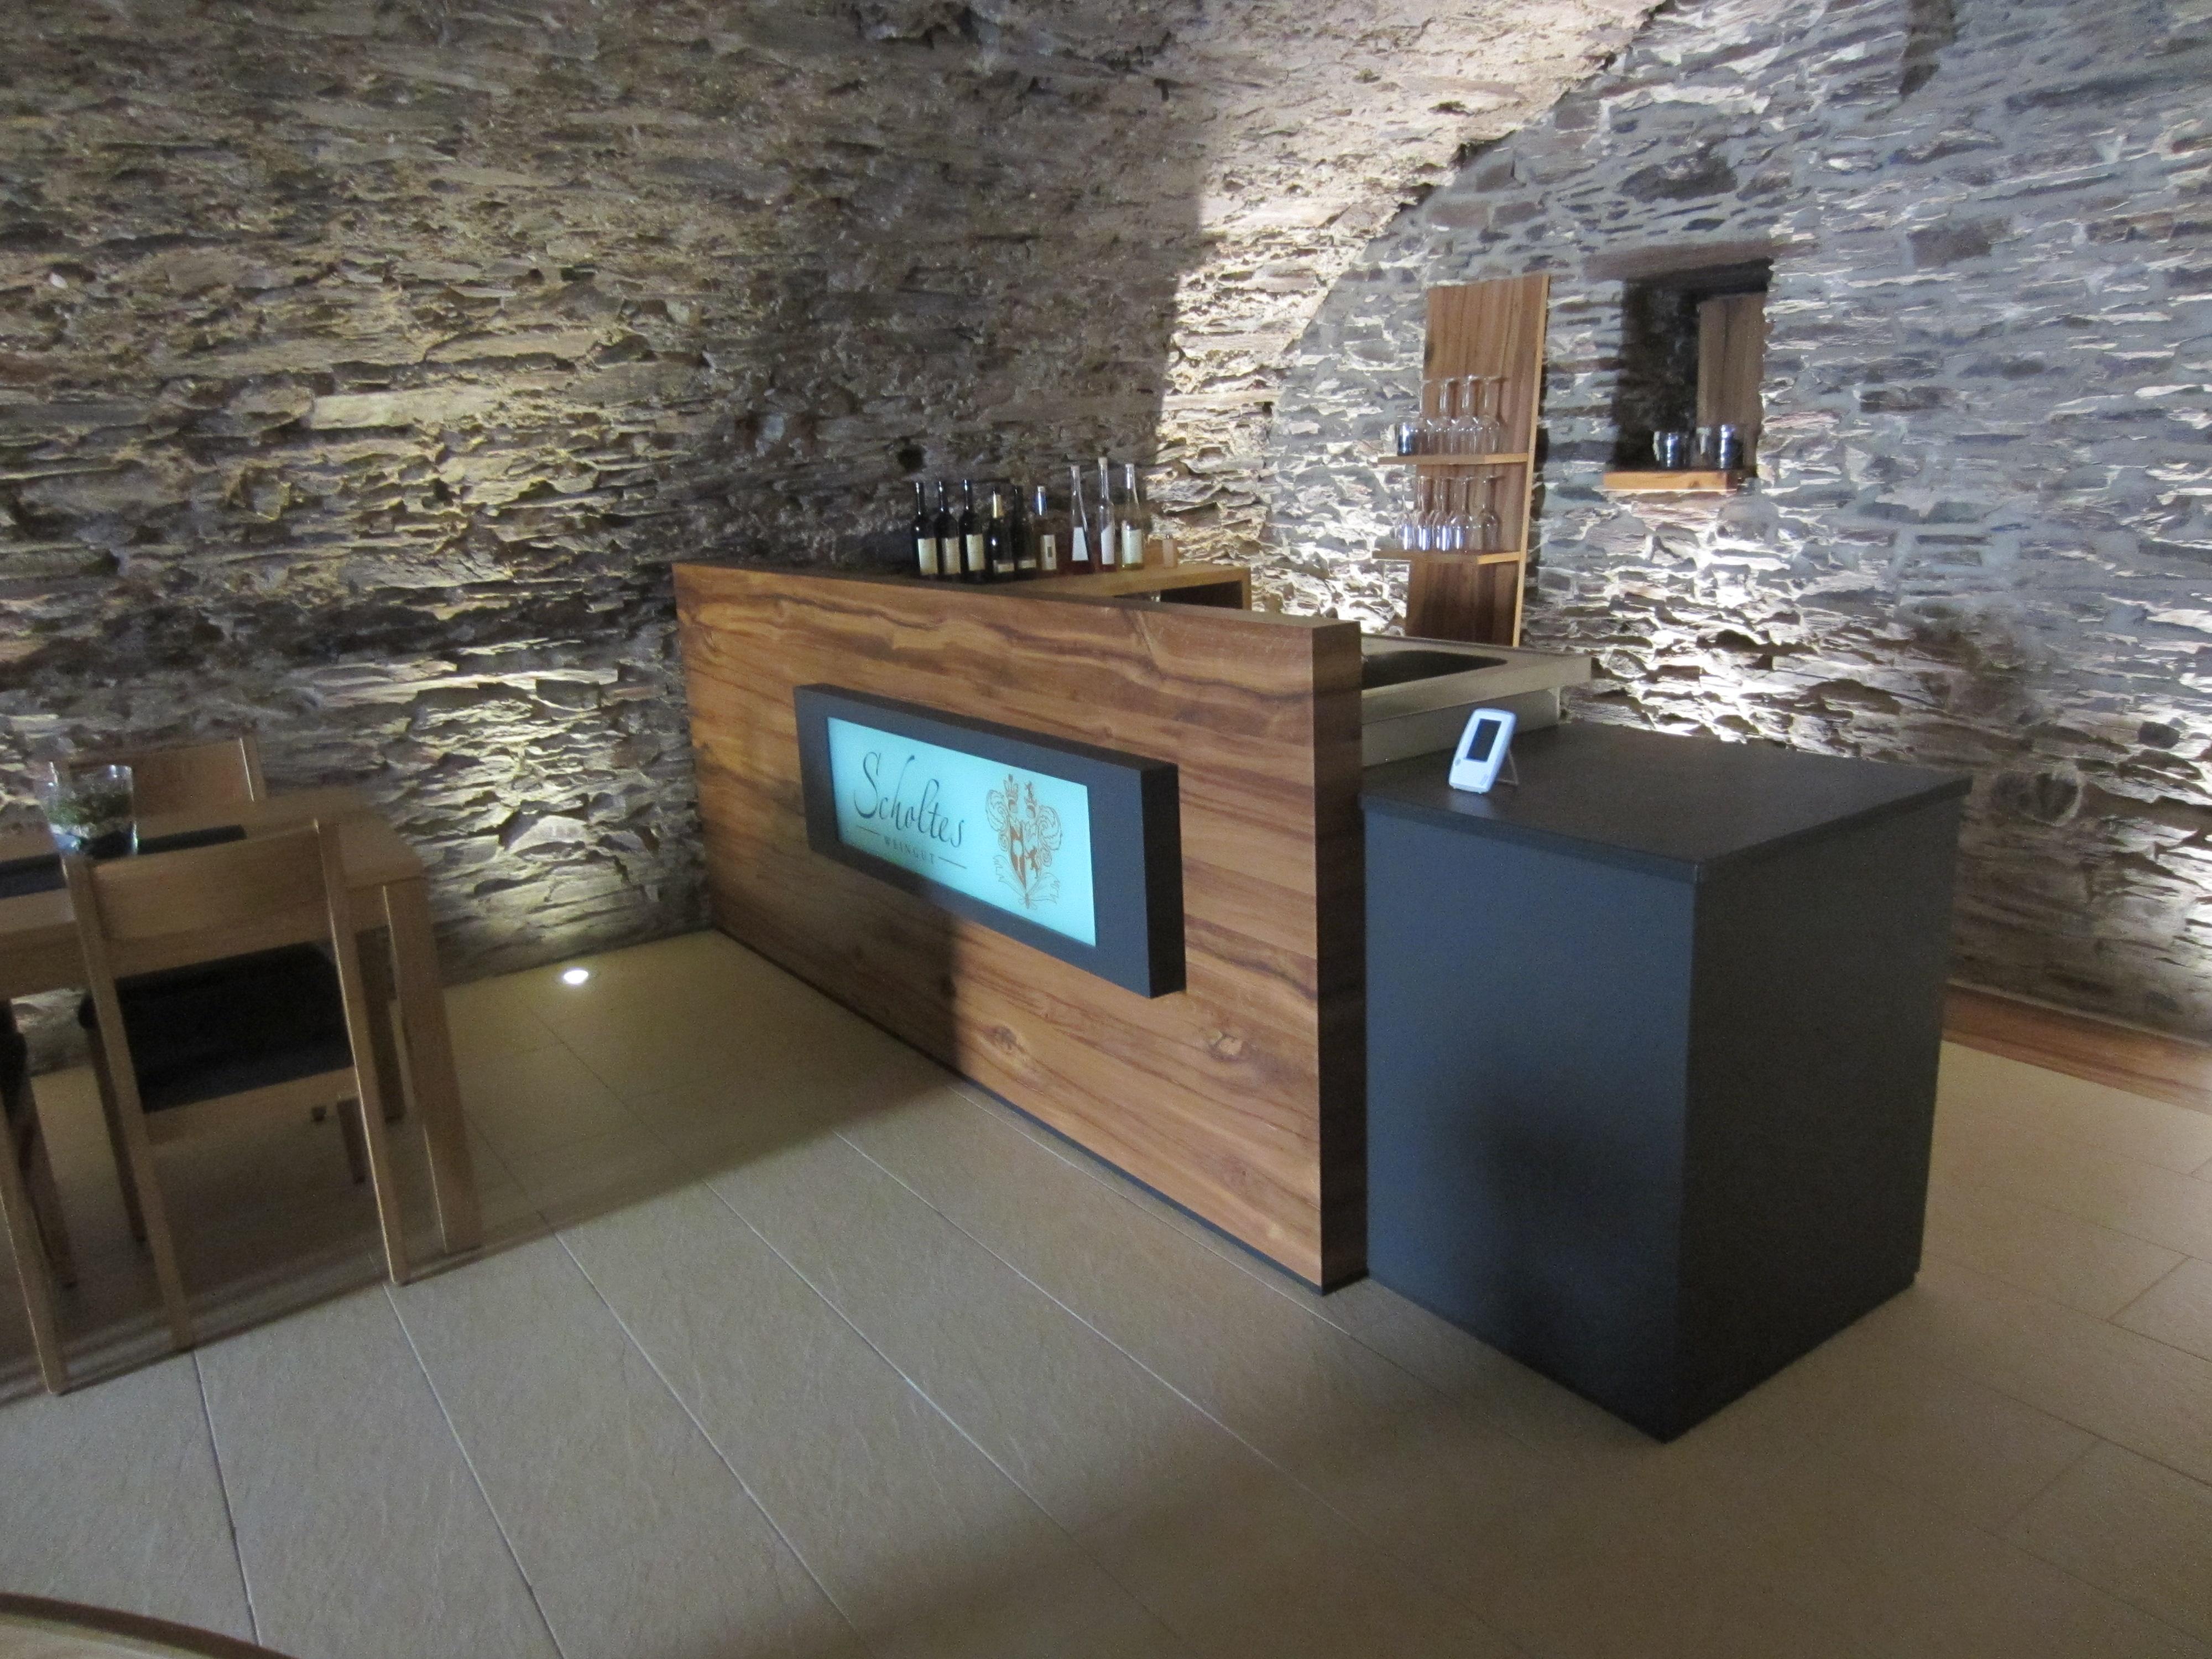 Ausschank im Weinkeller: Alteiche, Linoleum, Schiefer